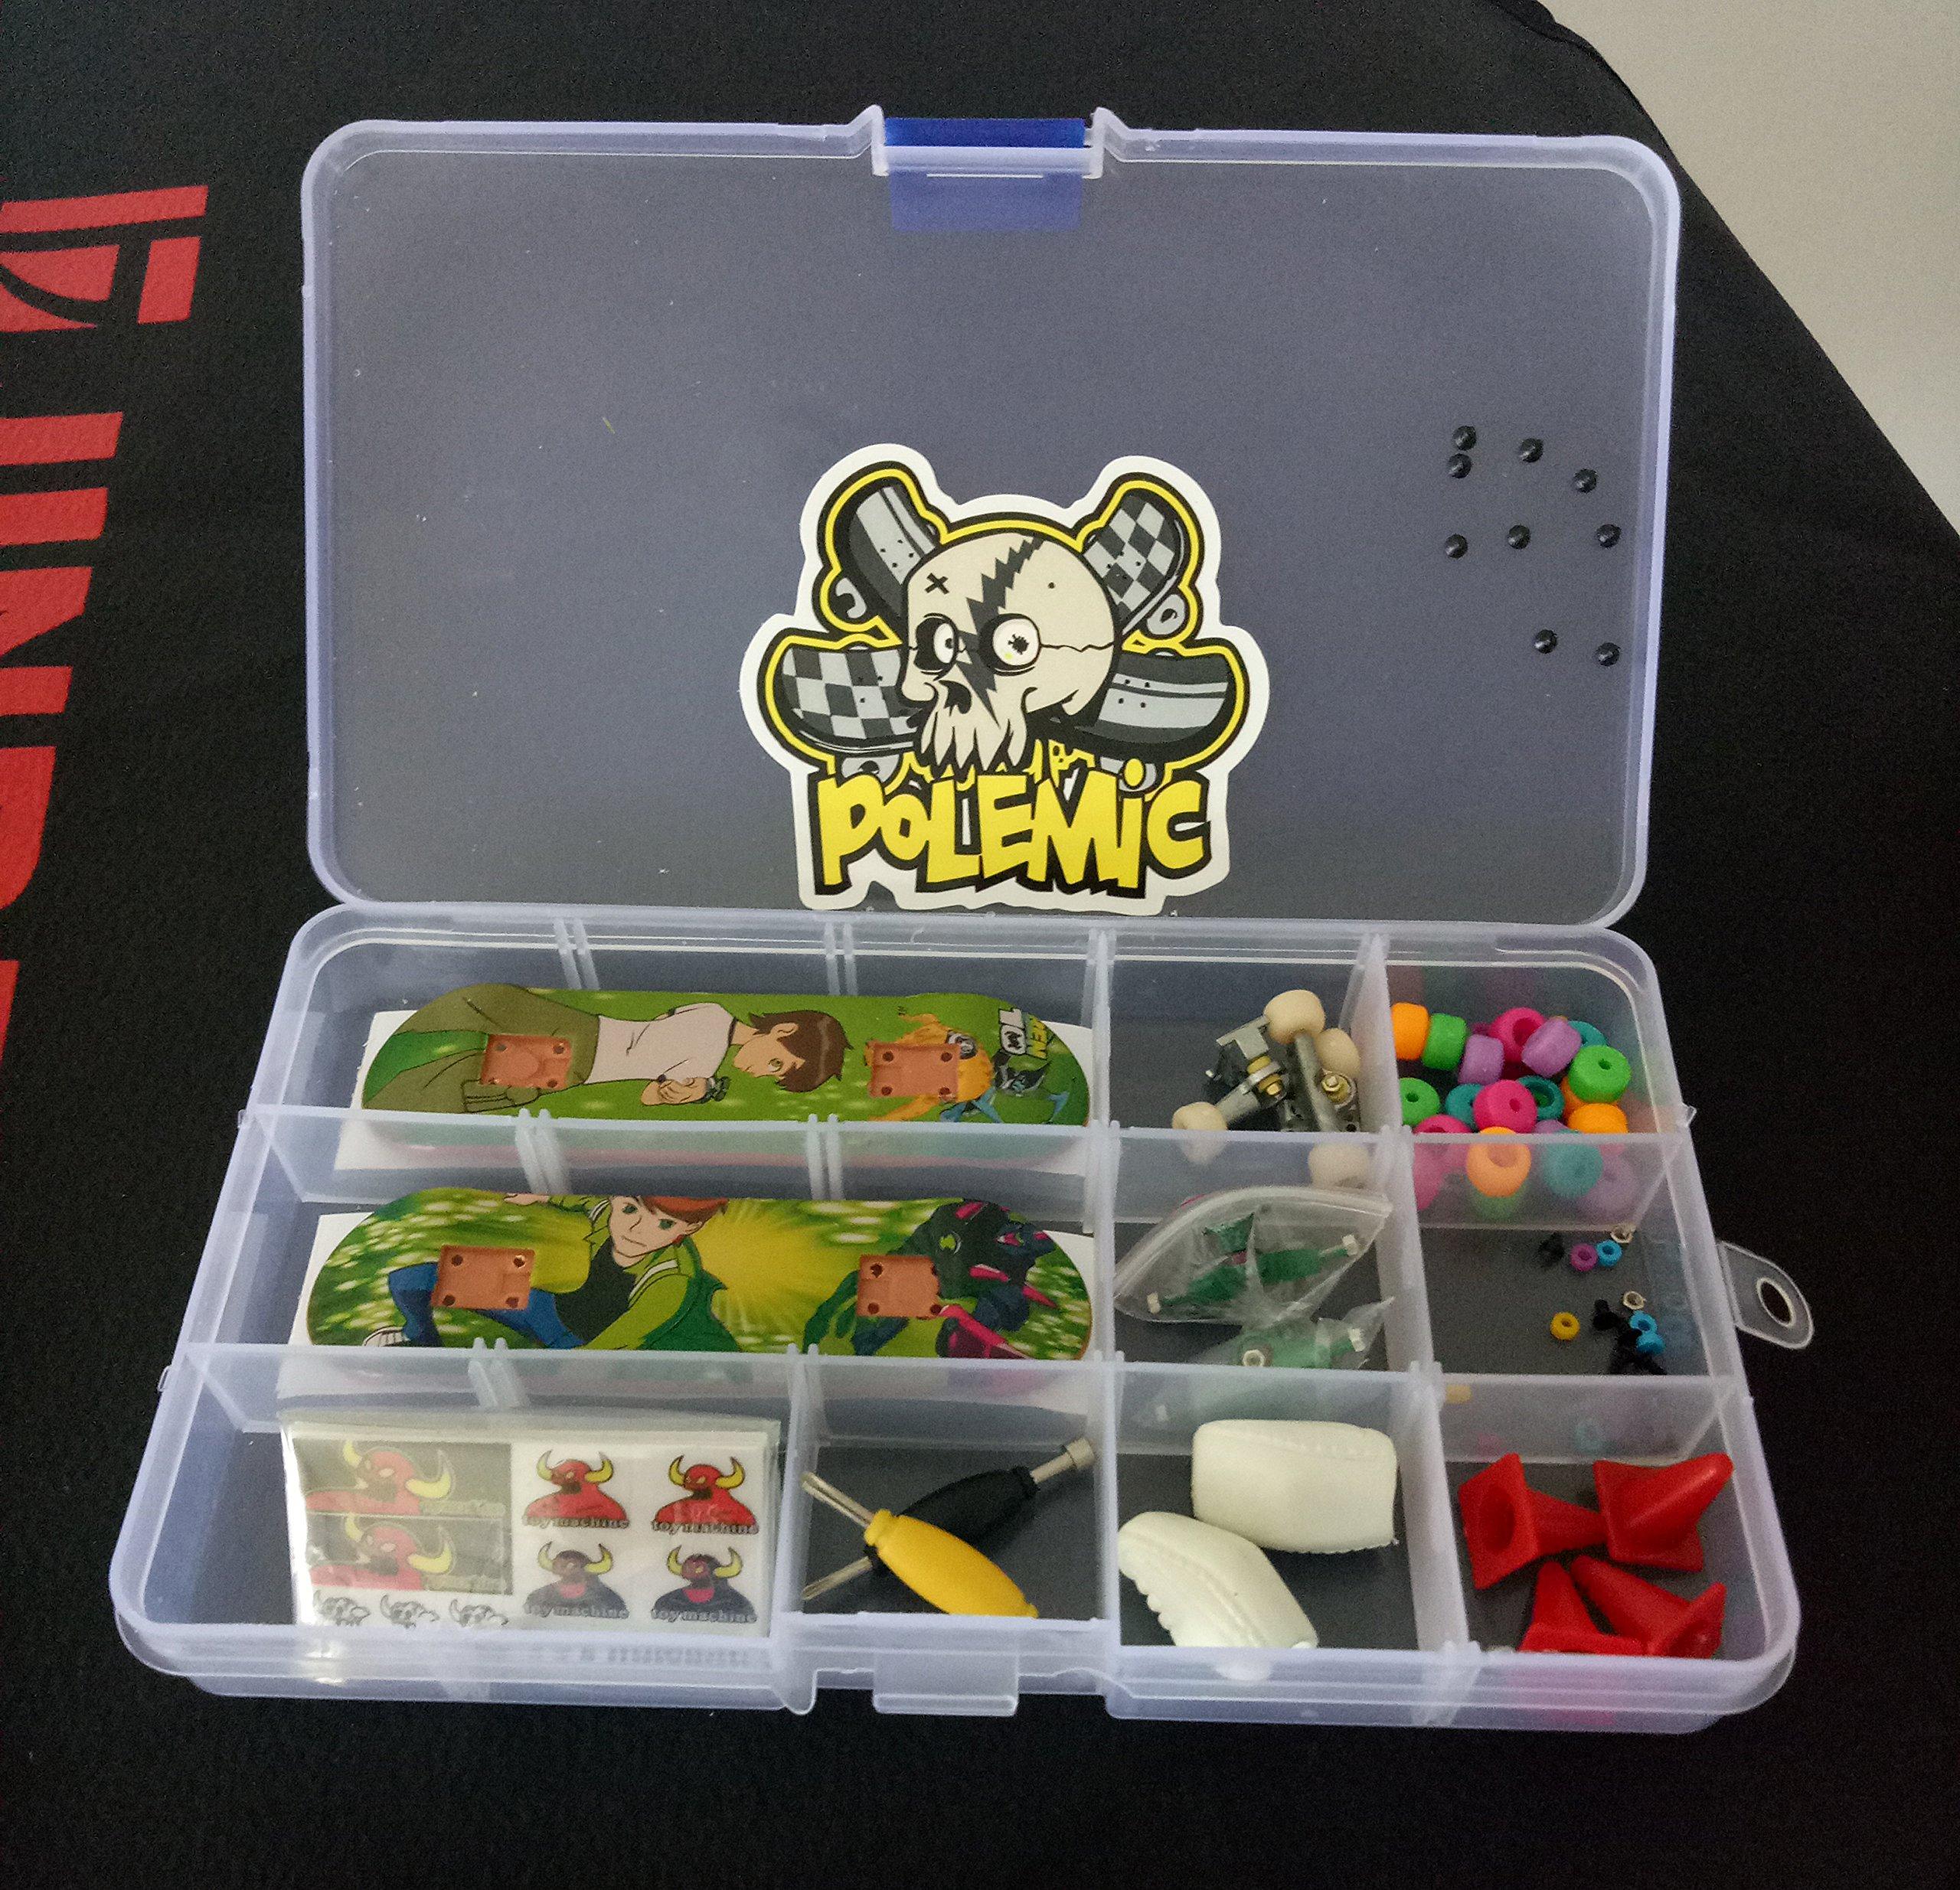 Fanci ABS Finger Skateboard Set Double Rocker DIY Mini Finger Boarding Toy with Storage Box by Fanci (Image #9)